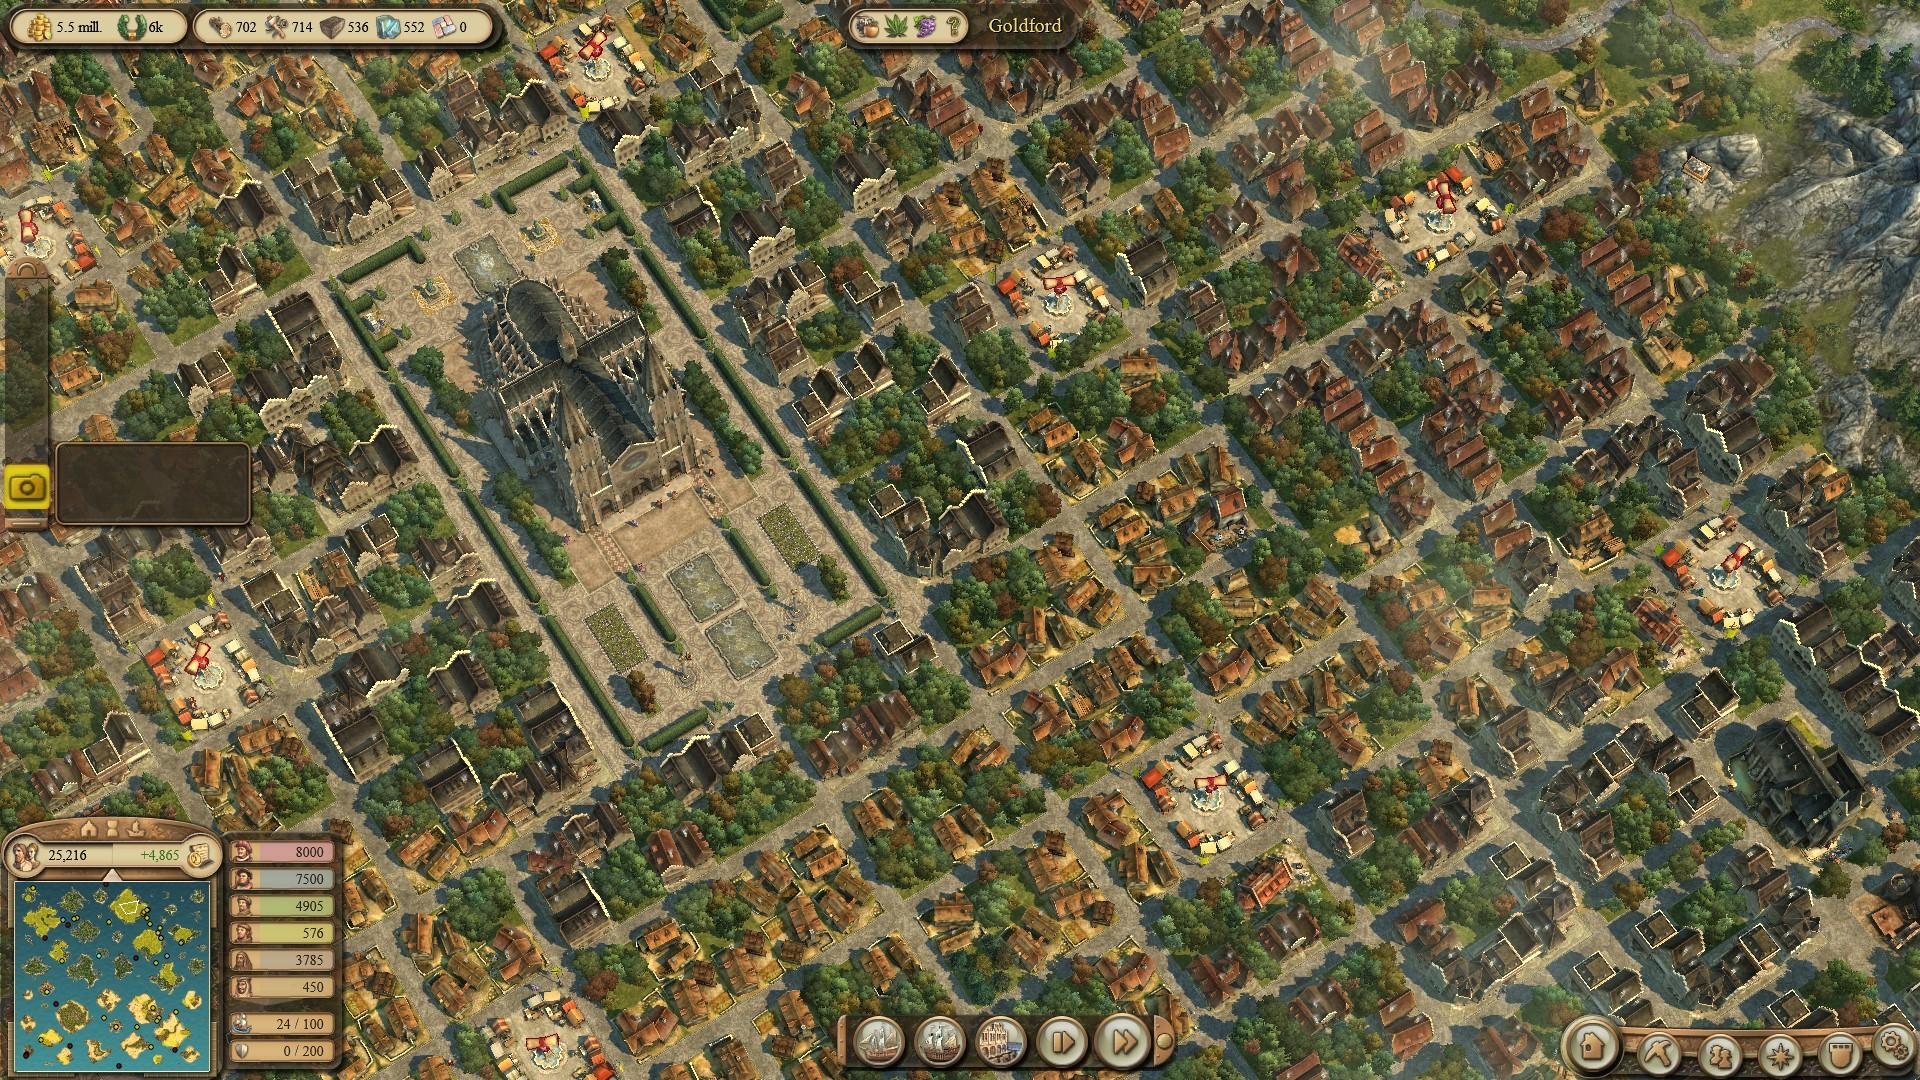 Image mega city project anno 1404 wiki fandom for Anno 2070 find architect